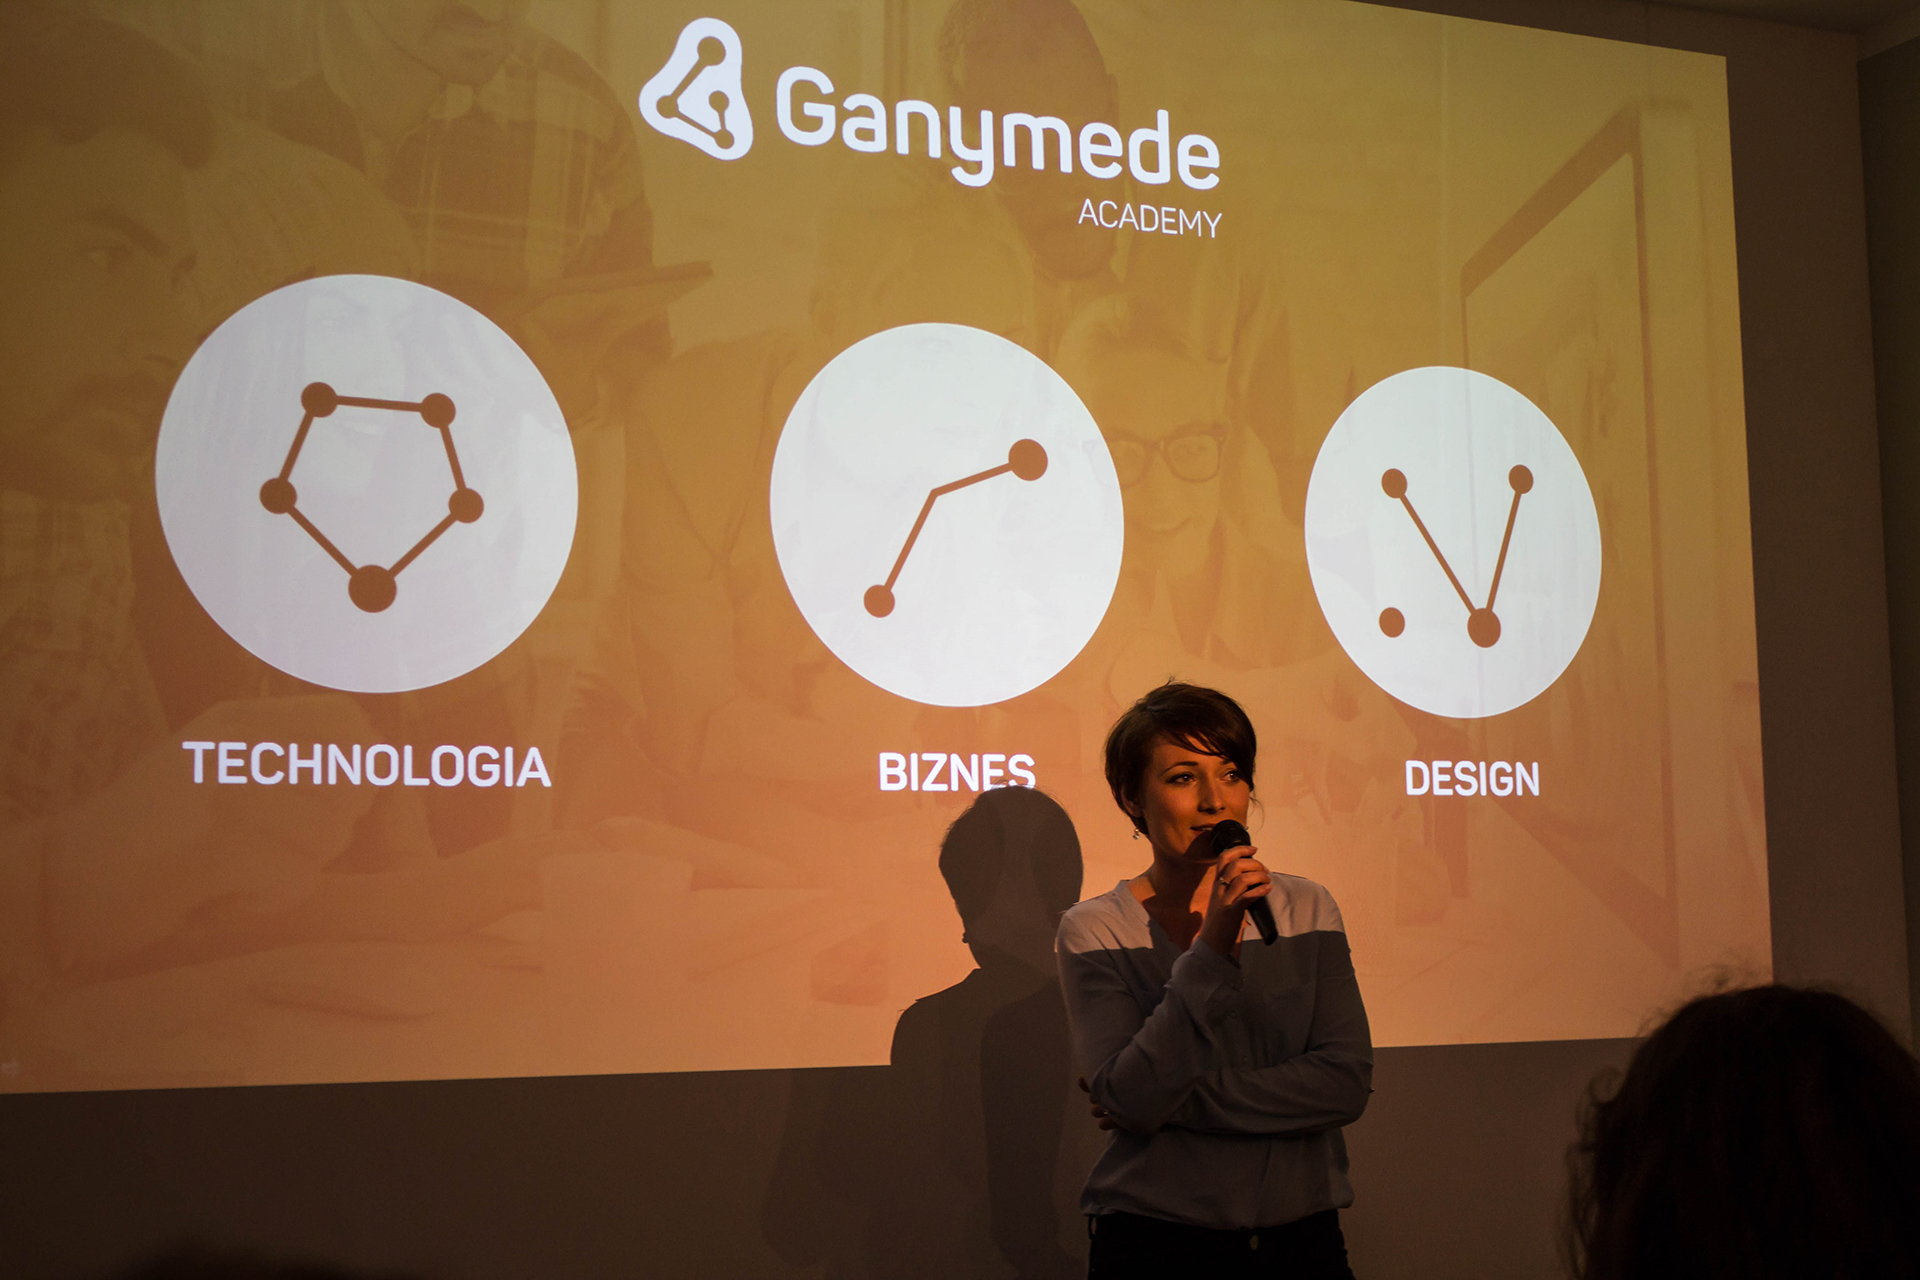 Ganymede Academy: Pomysłodawczyni - Aneta Wojnar